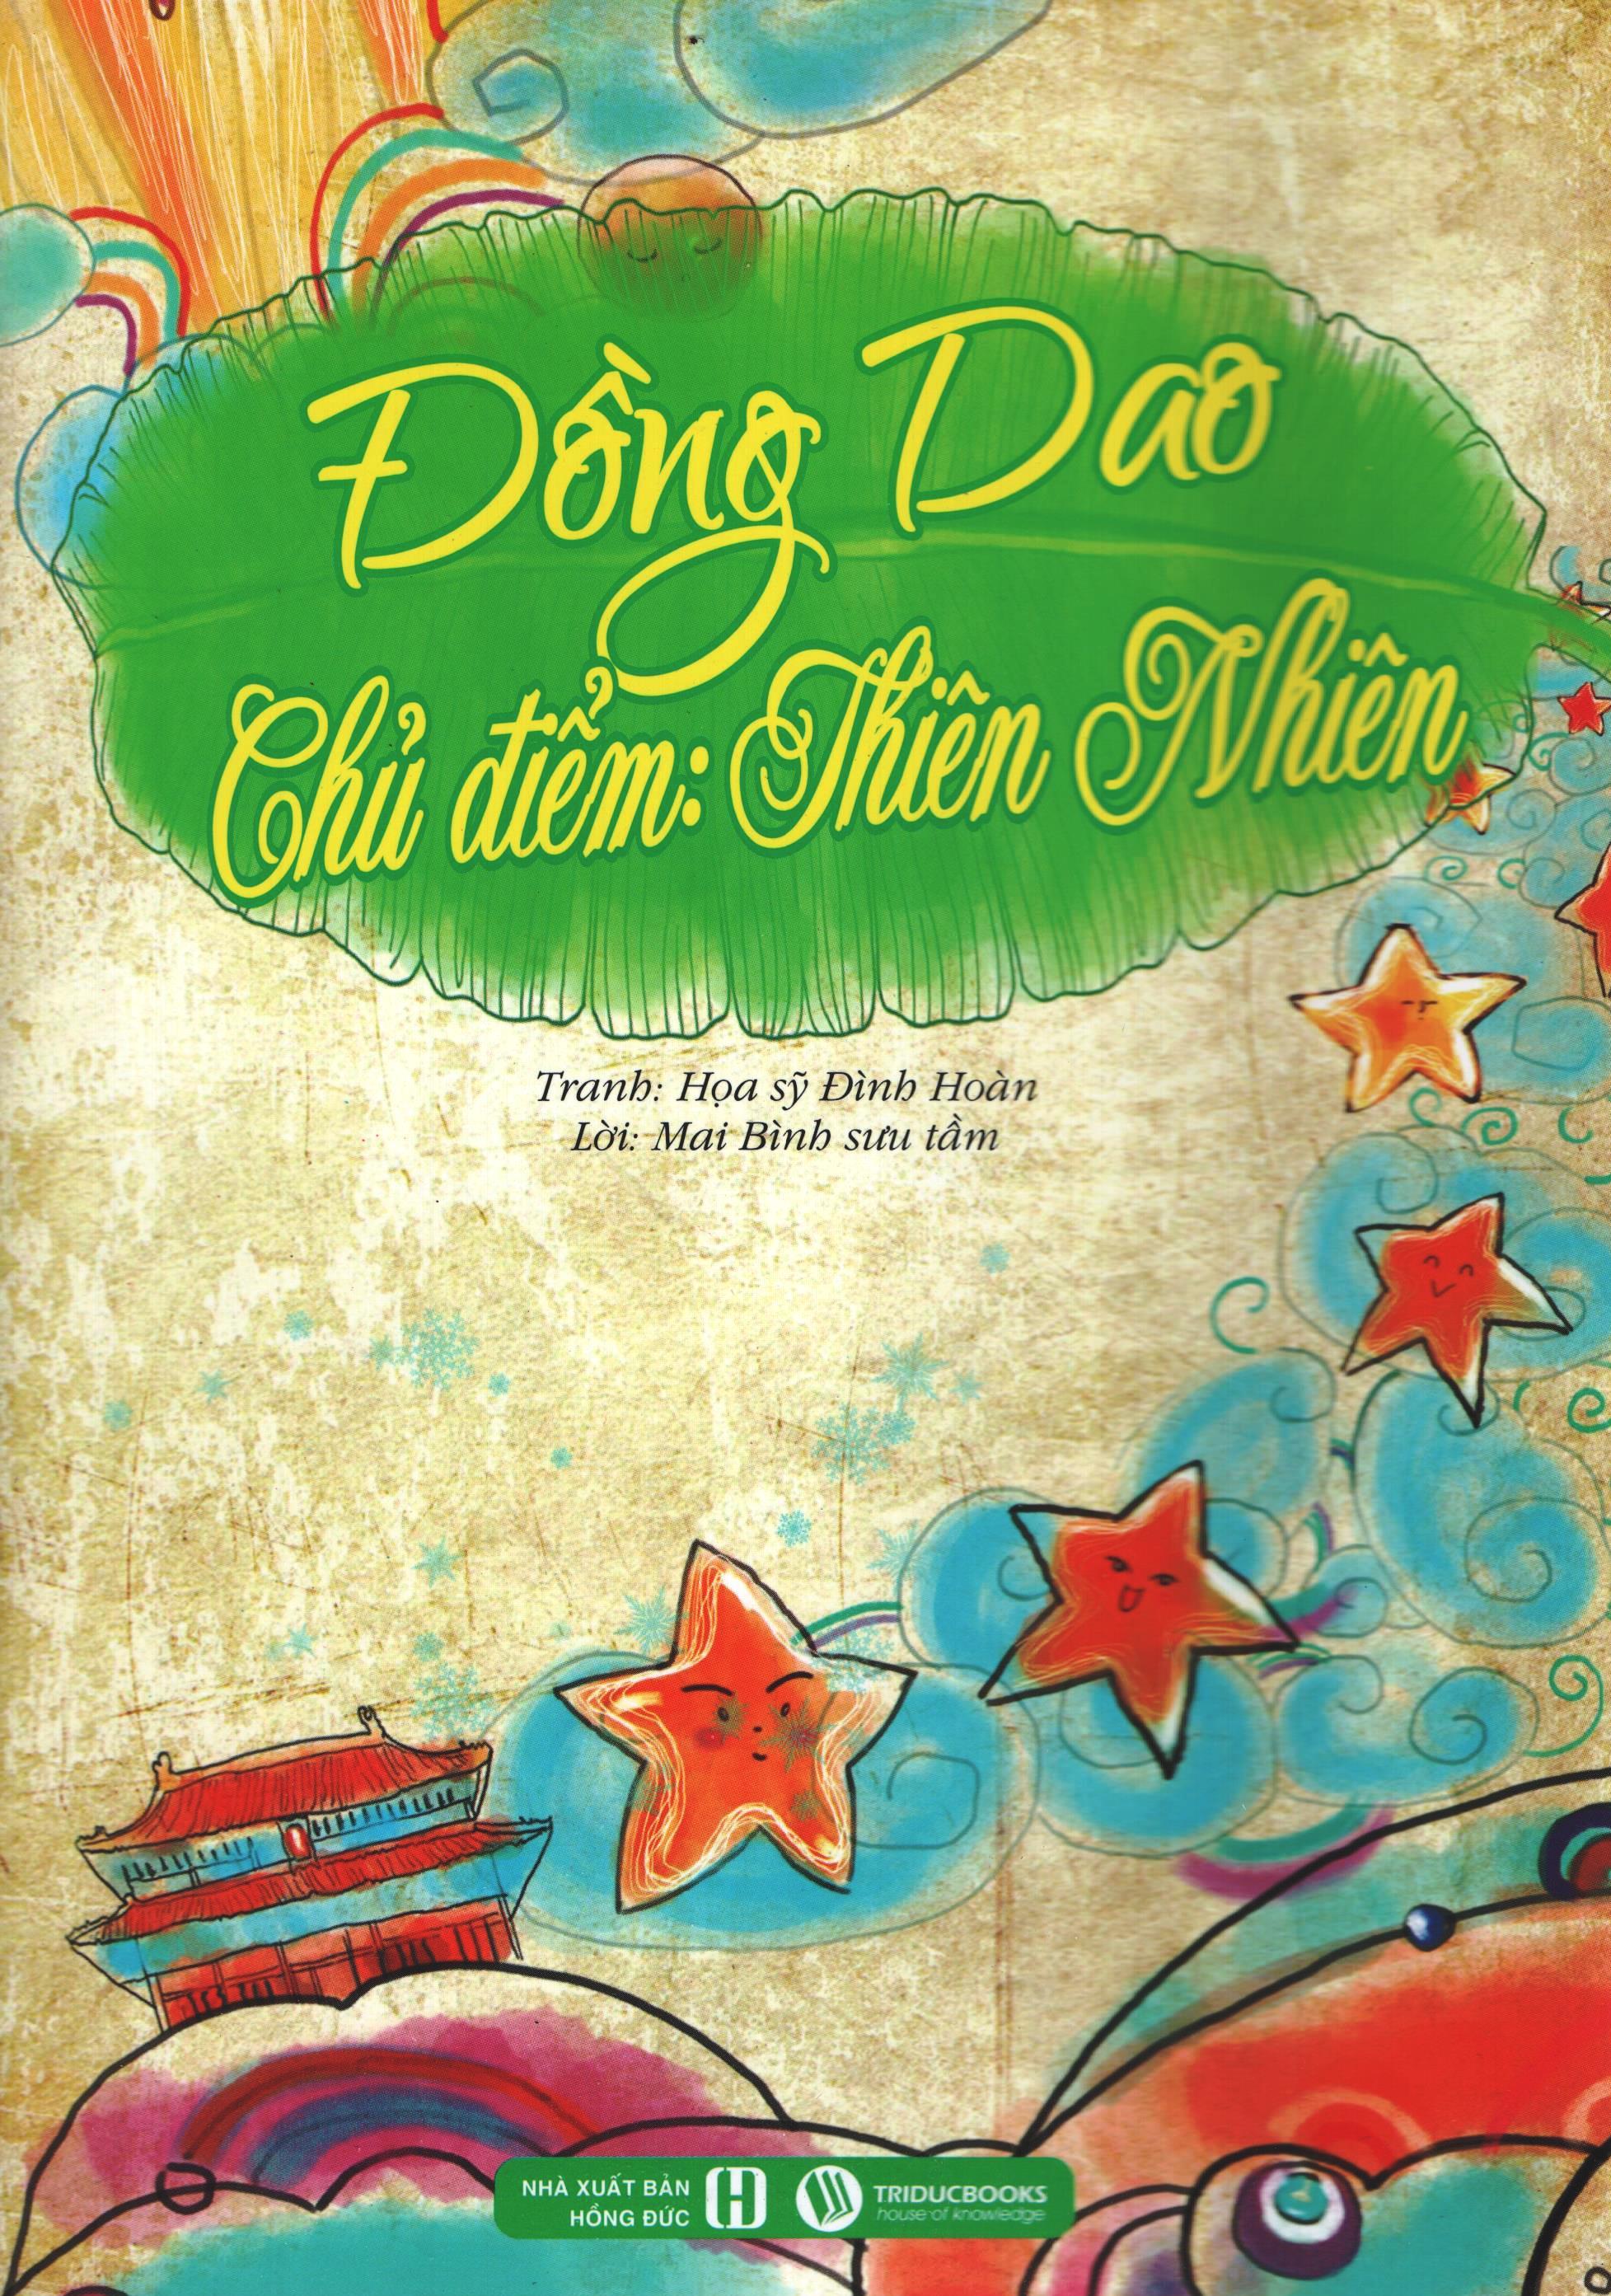 Bìa sách Đồng Dao - Thiên Nhiên